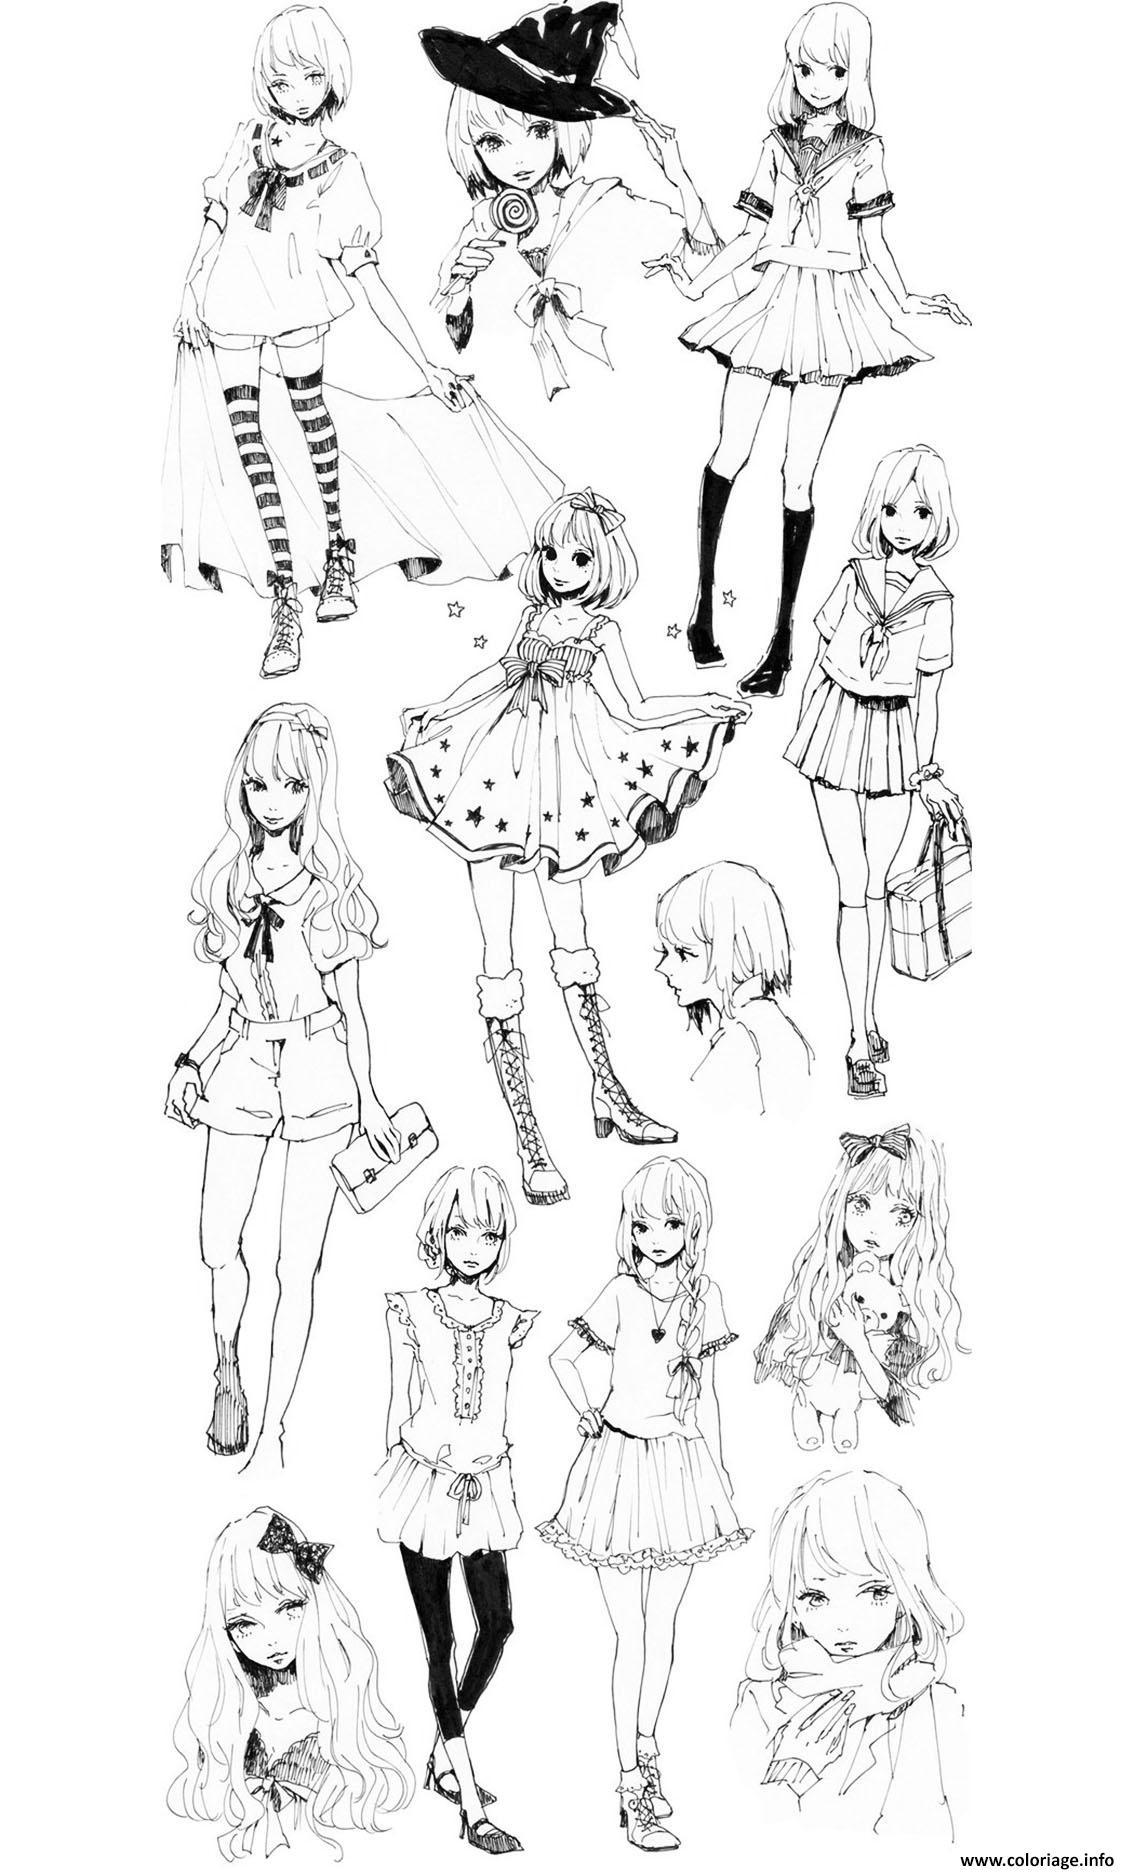 Comment Dessiner Un Manga : comment, dessiner, manga, Comment, Dessiner, Mangas